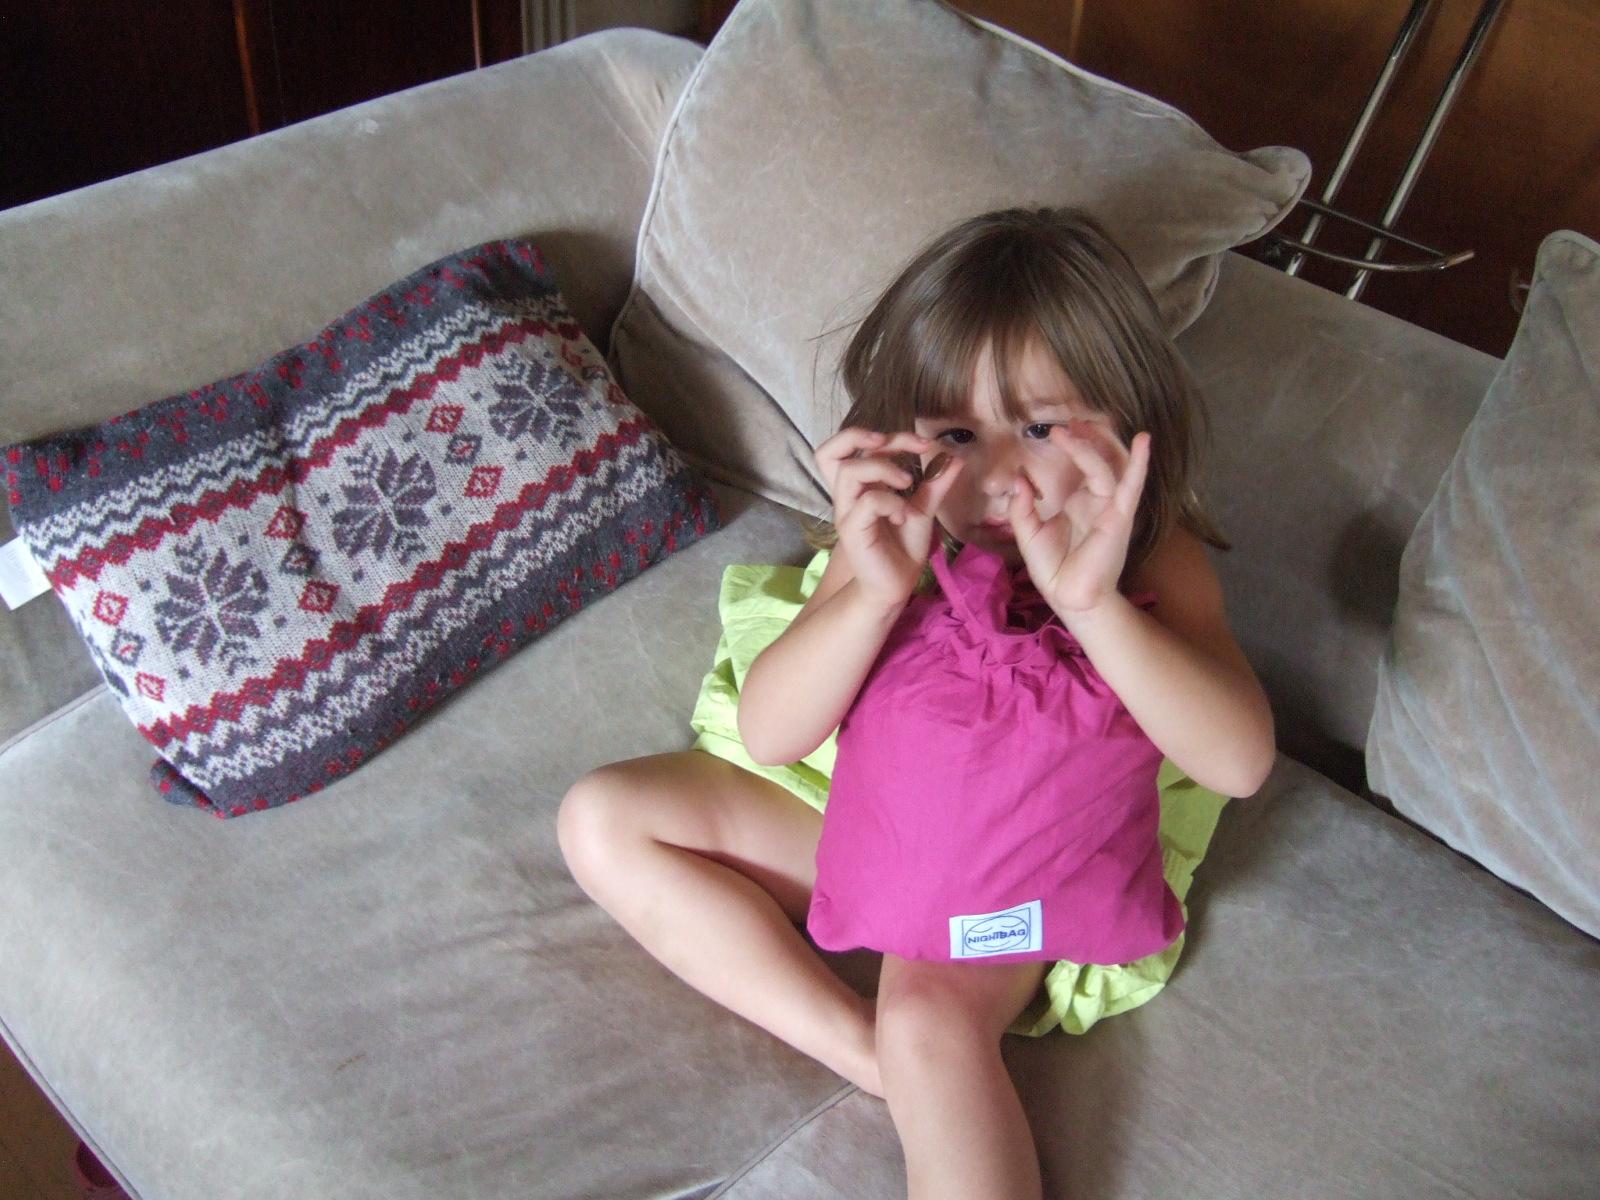 Nightbag junior rose et petite fille